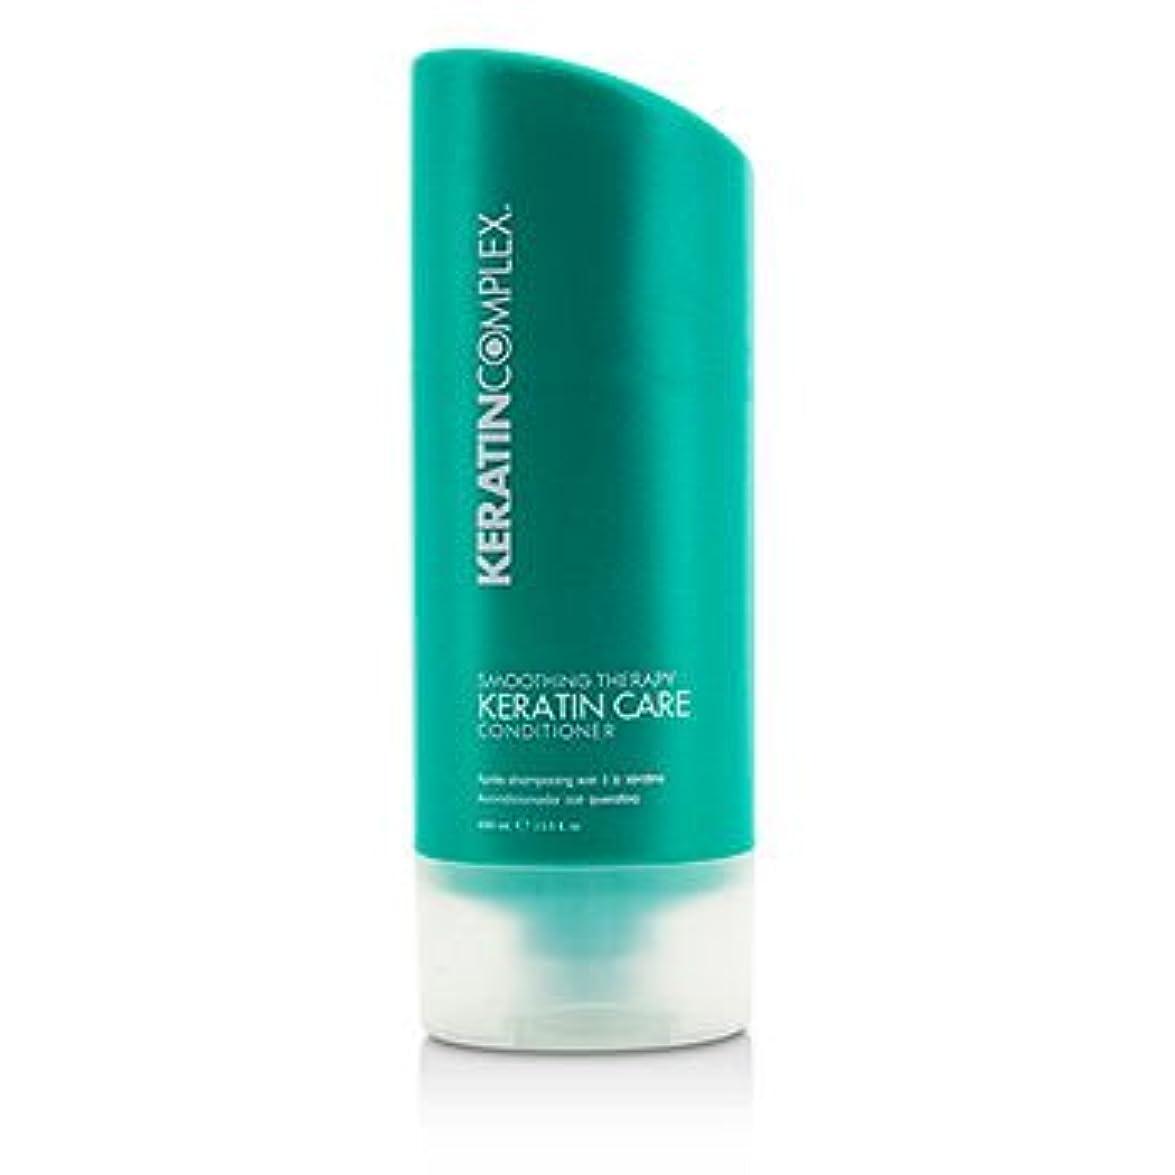 アクティビティ小切手クック[Keratin Complex] Smoothing Therapy Keratin Care Conditioner (For All Hair Types) 400ml/13.5oz